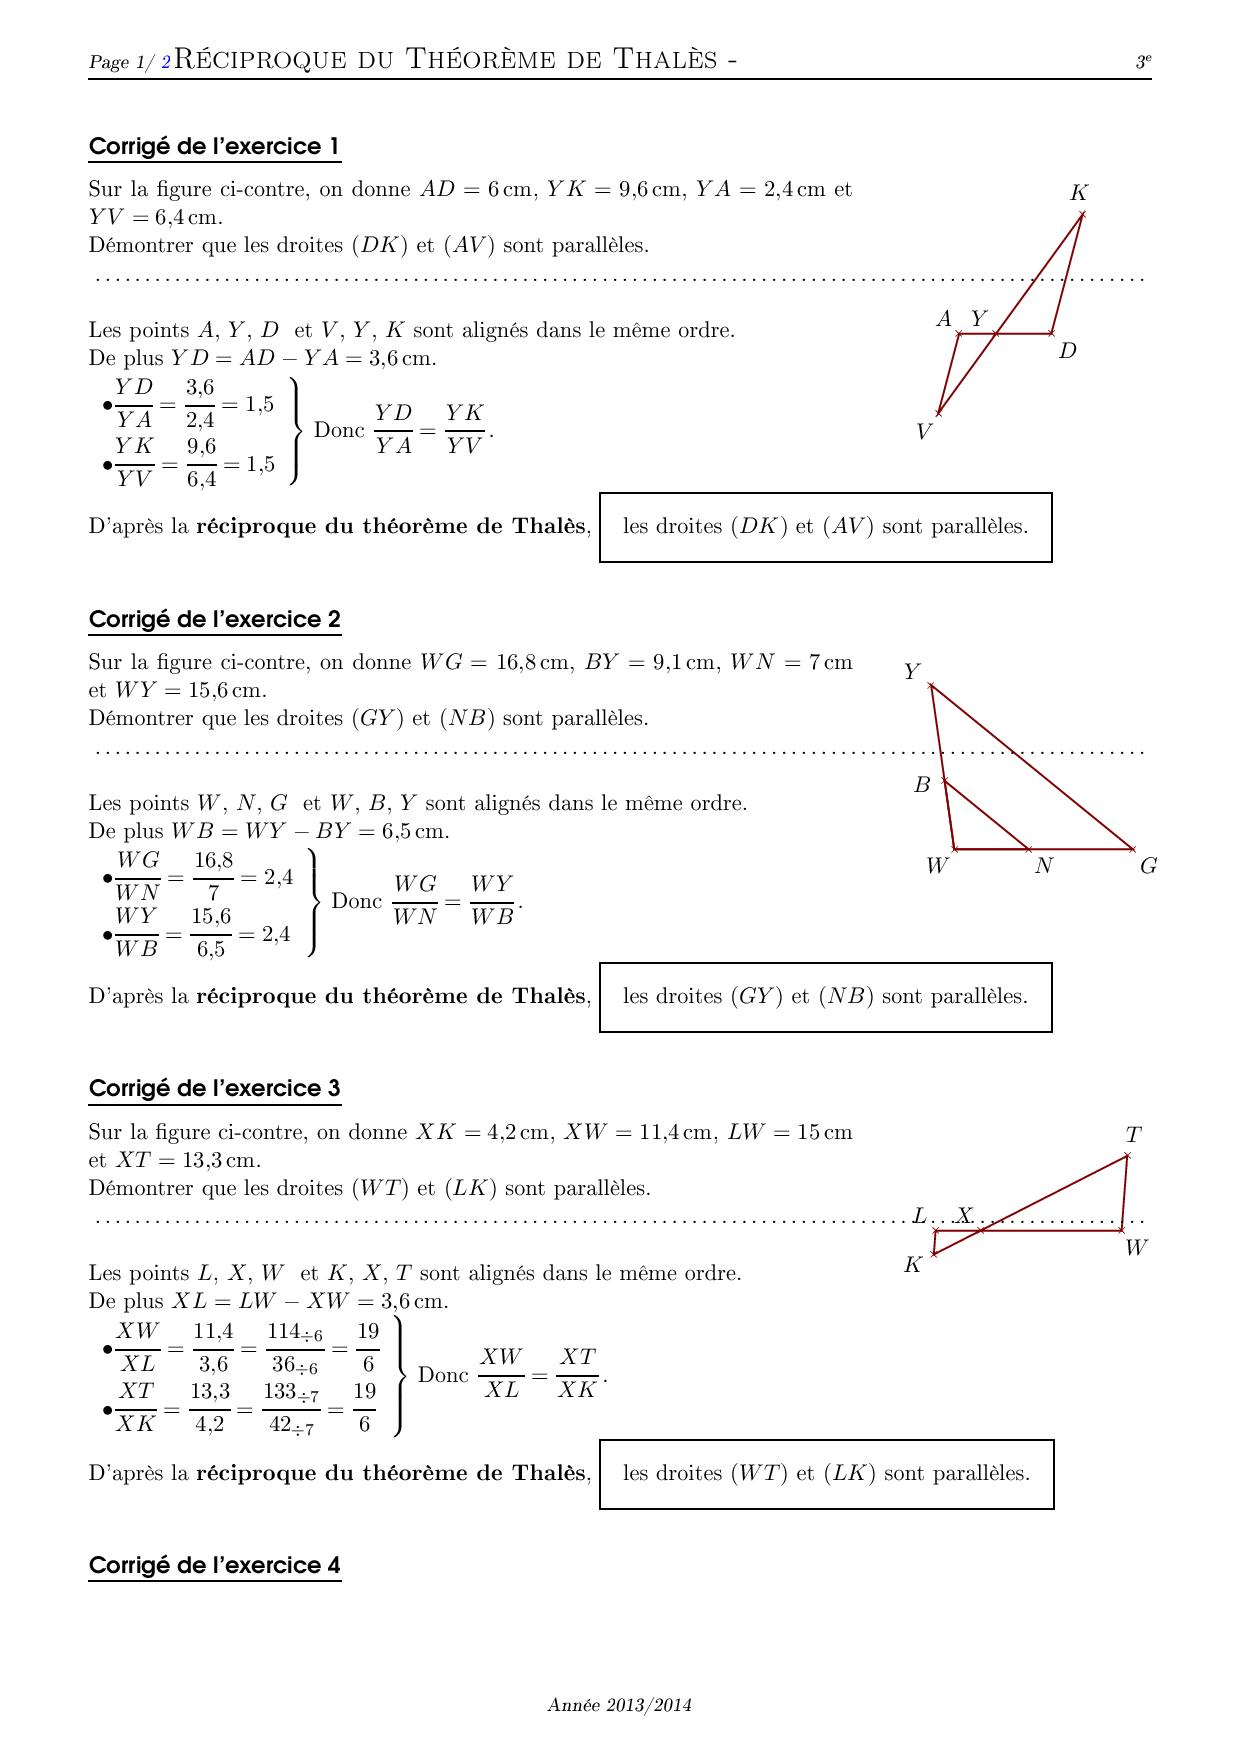 Reciproque Du Theoreme De Thales Corrige Serie D Exercices 1 Alloschool